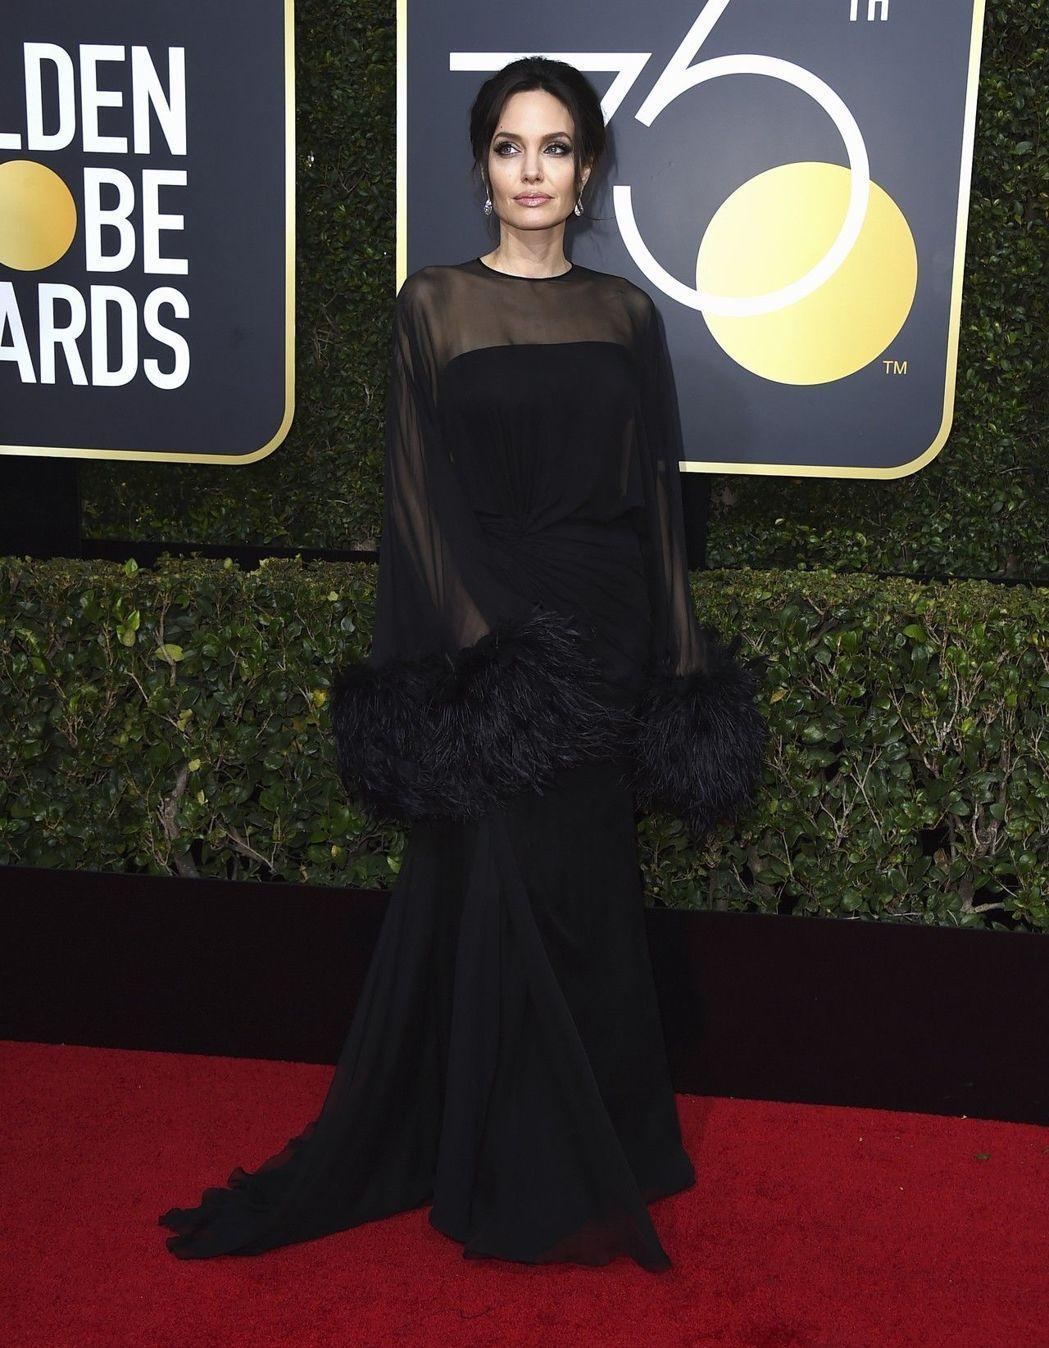 安潔莉娜裘莉選穿Atelier Versace的薄紗長袖禮服,袖口的羽毛裝飾更顯...